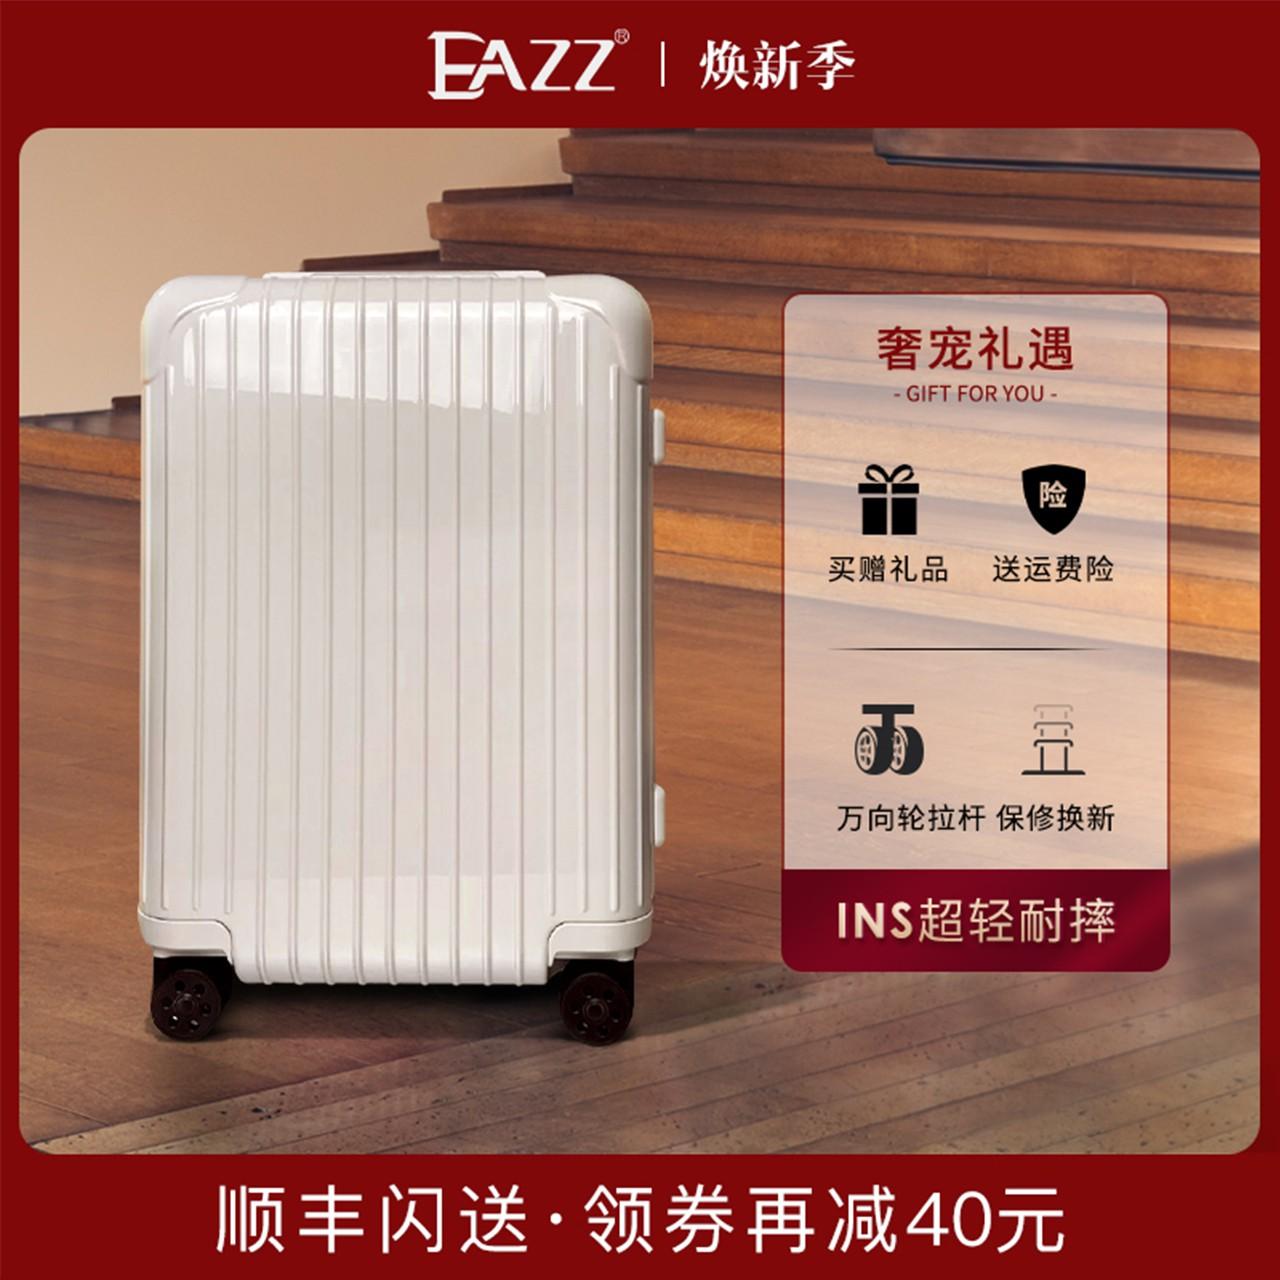 EAZZ กระเป๋าเดินทางสตรีขนาดเล็ก20นิ้ว INS ออนไลน์คนดังสไตล์ใหม่ Universal ล้อรถเข็น24 Travel รหัสผ่านหนังกระเป๋าเดินทาง1